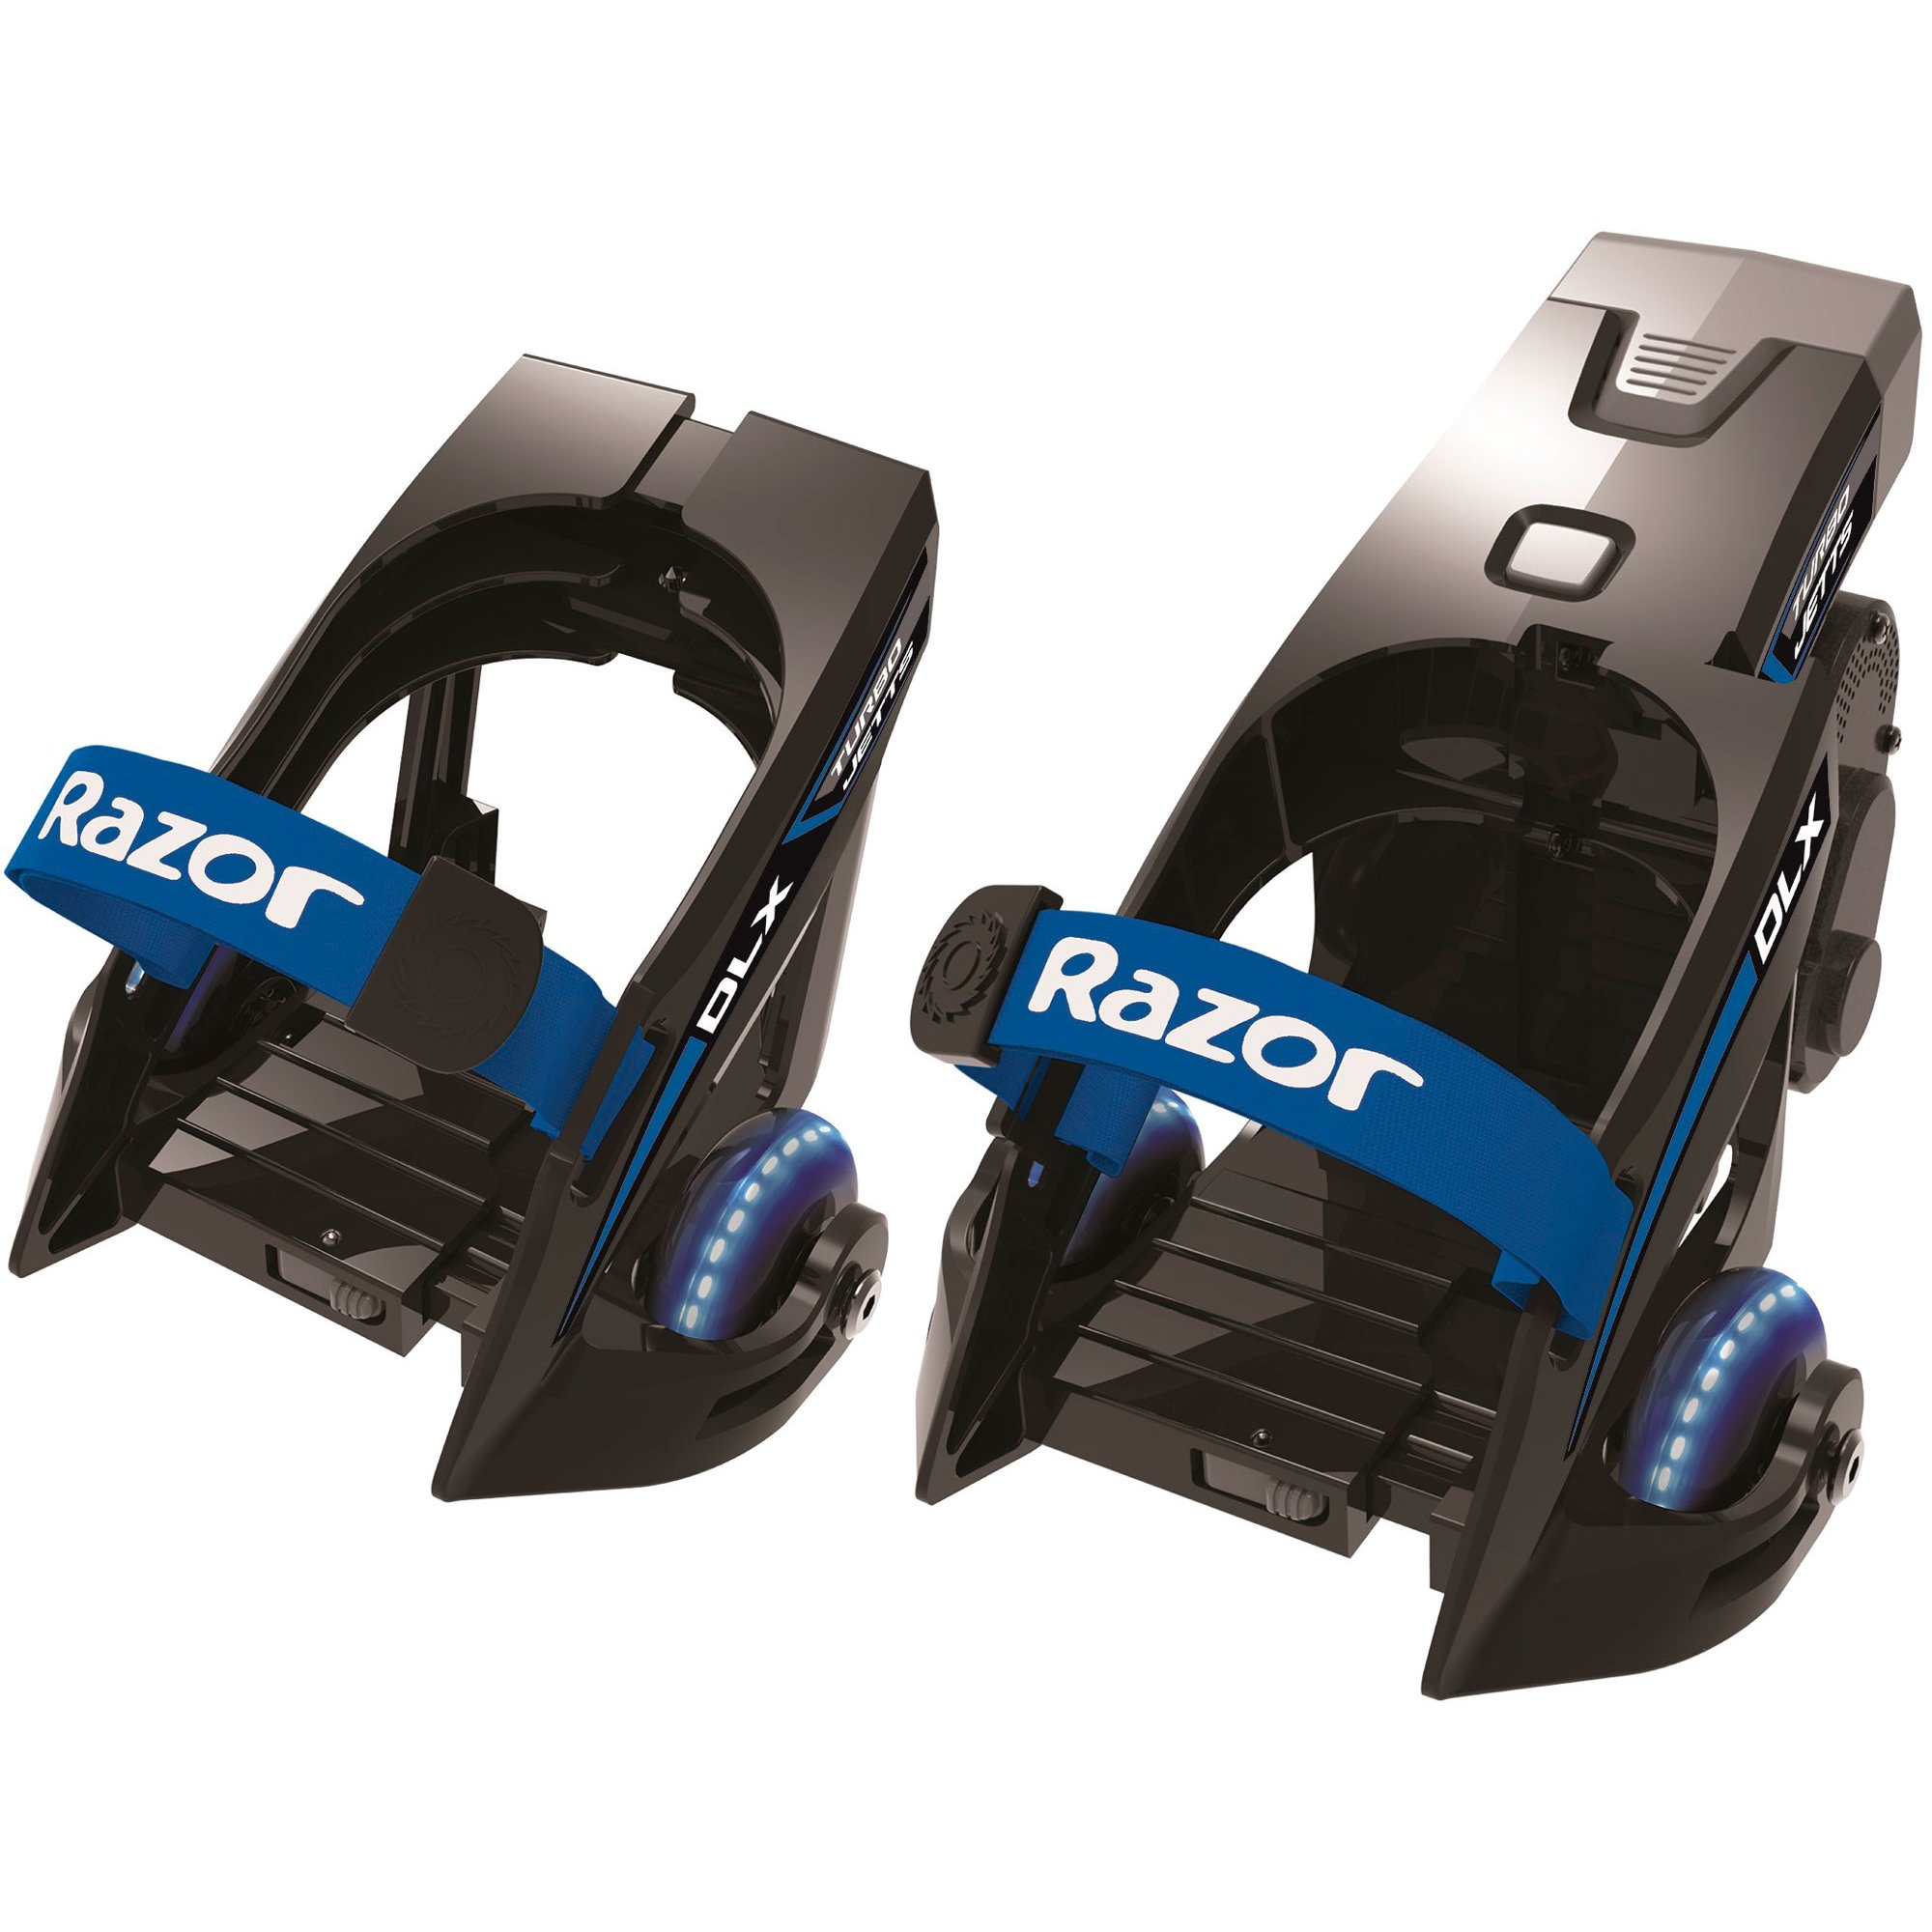 Razor Turbo Jetts DLX - E-skates